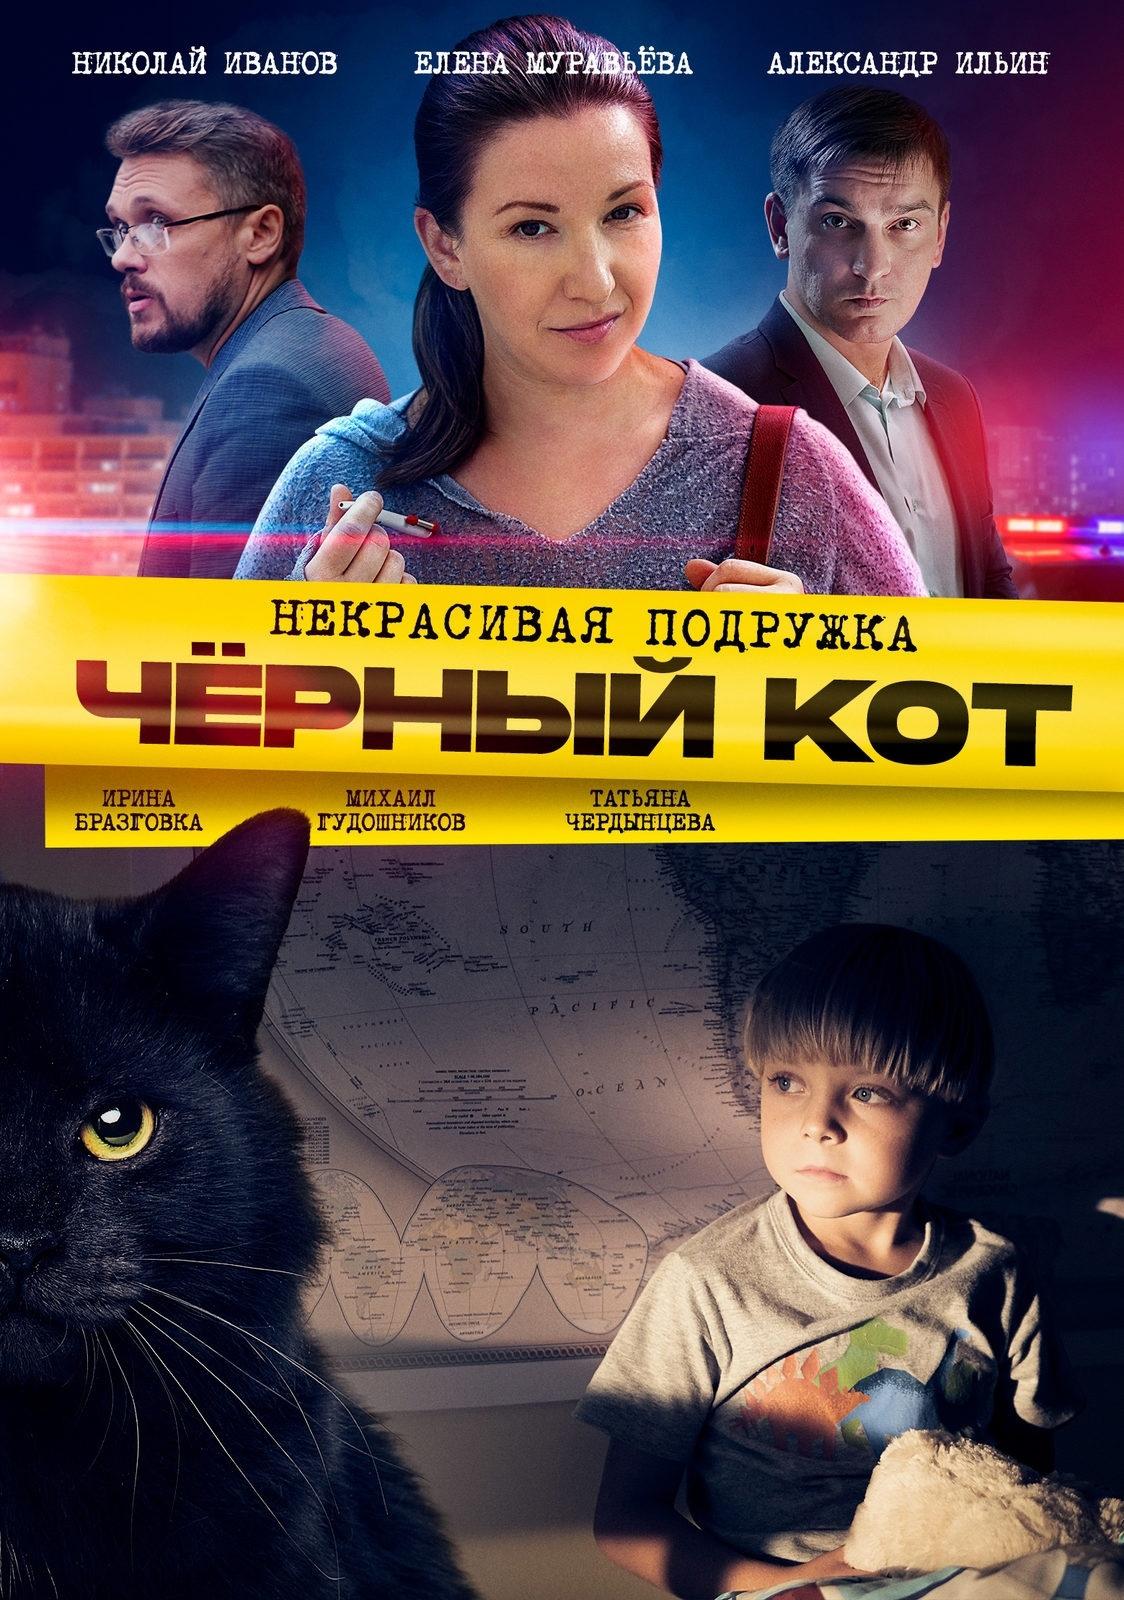 Детектив «Heкpacивaя пoдpyжкa 2.